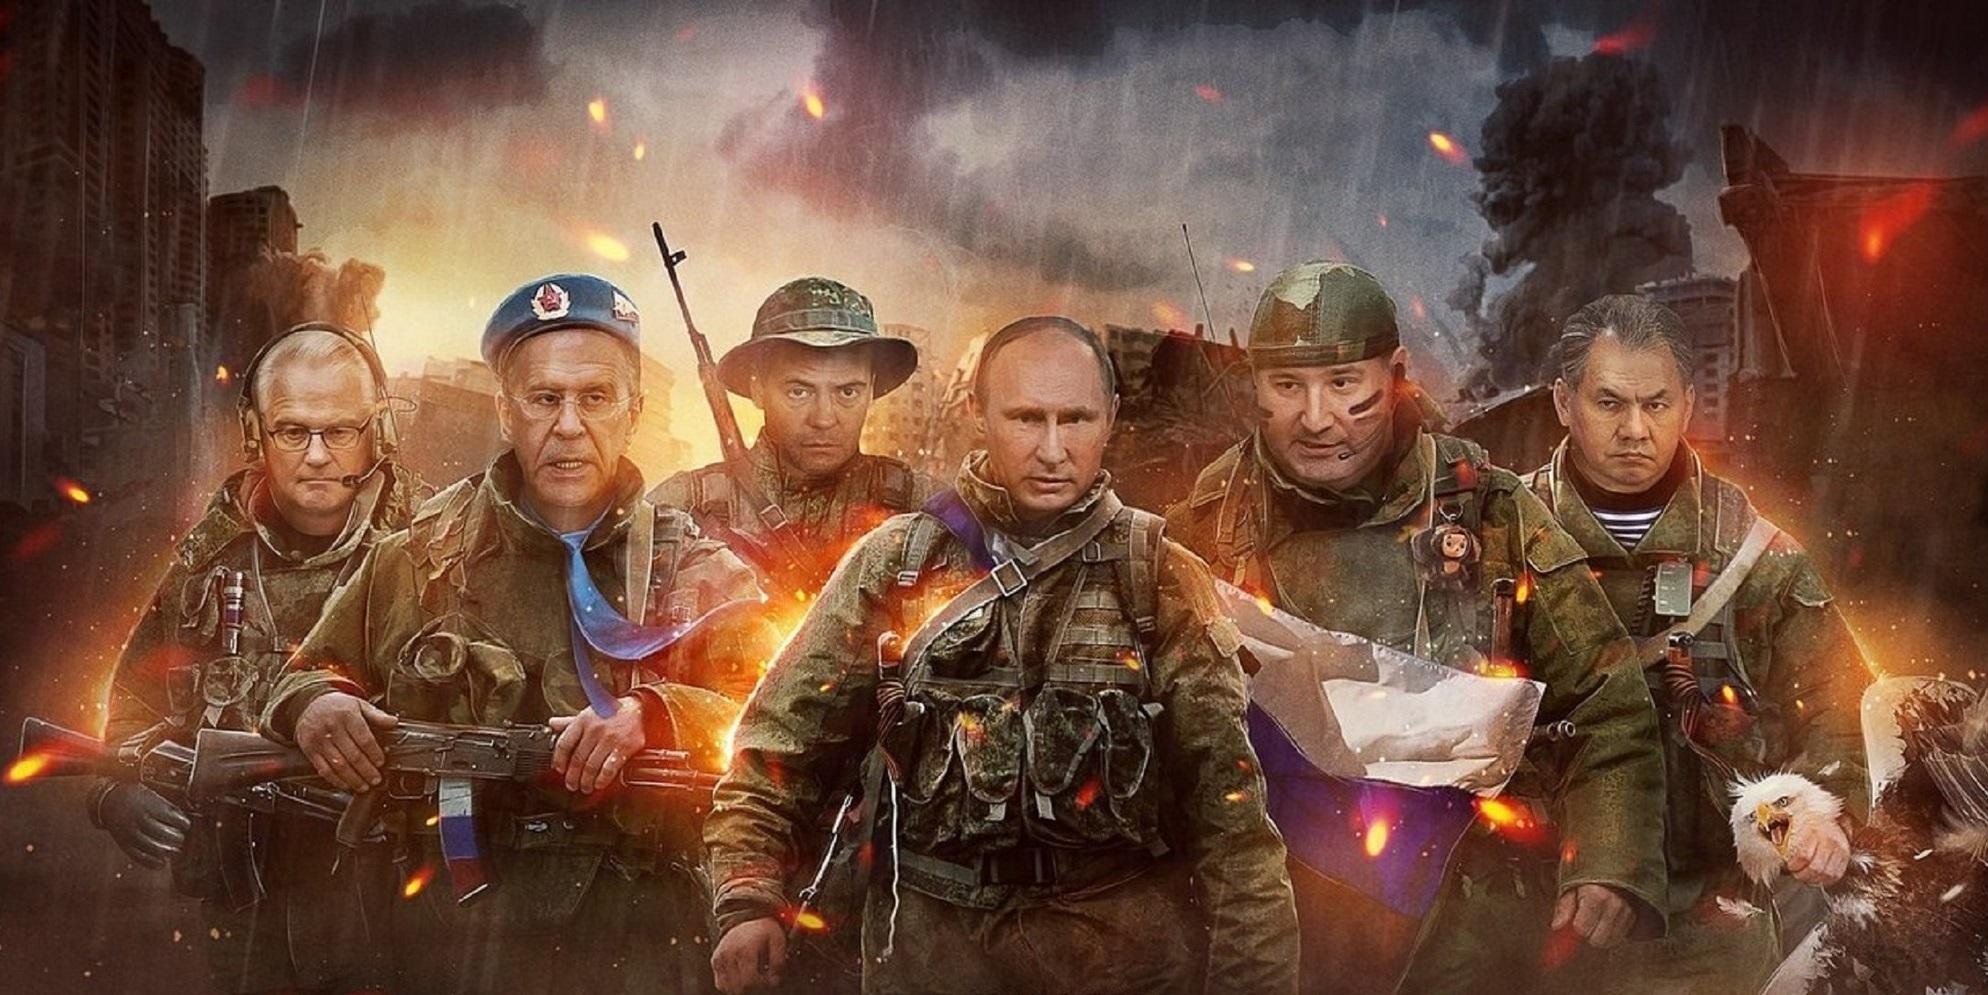 Картинки на рабочий стол патриотический